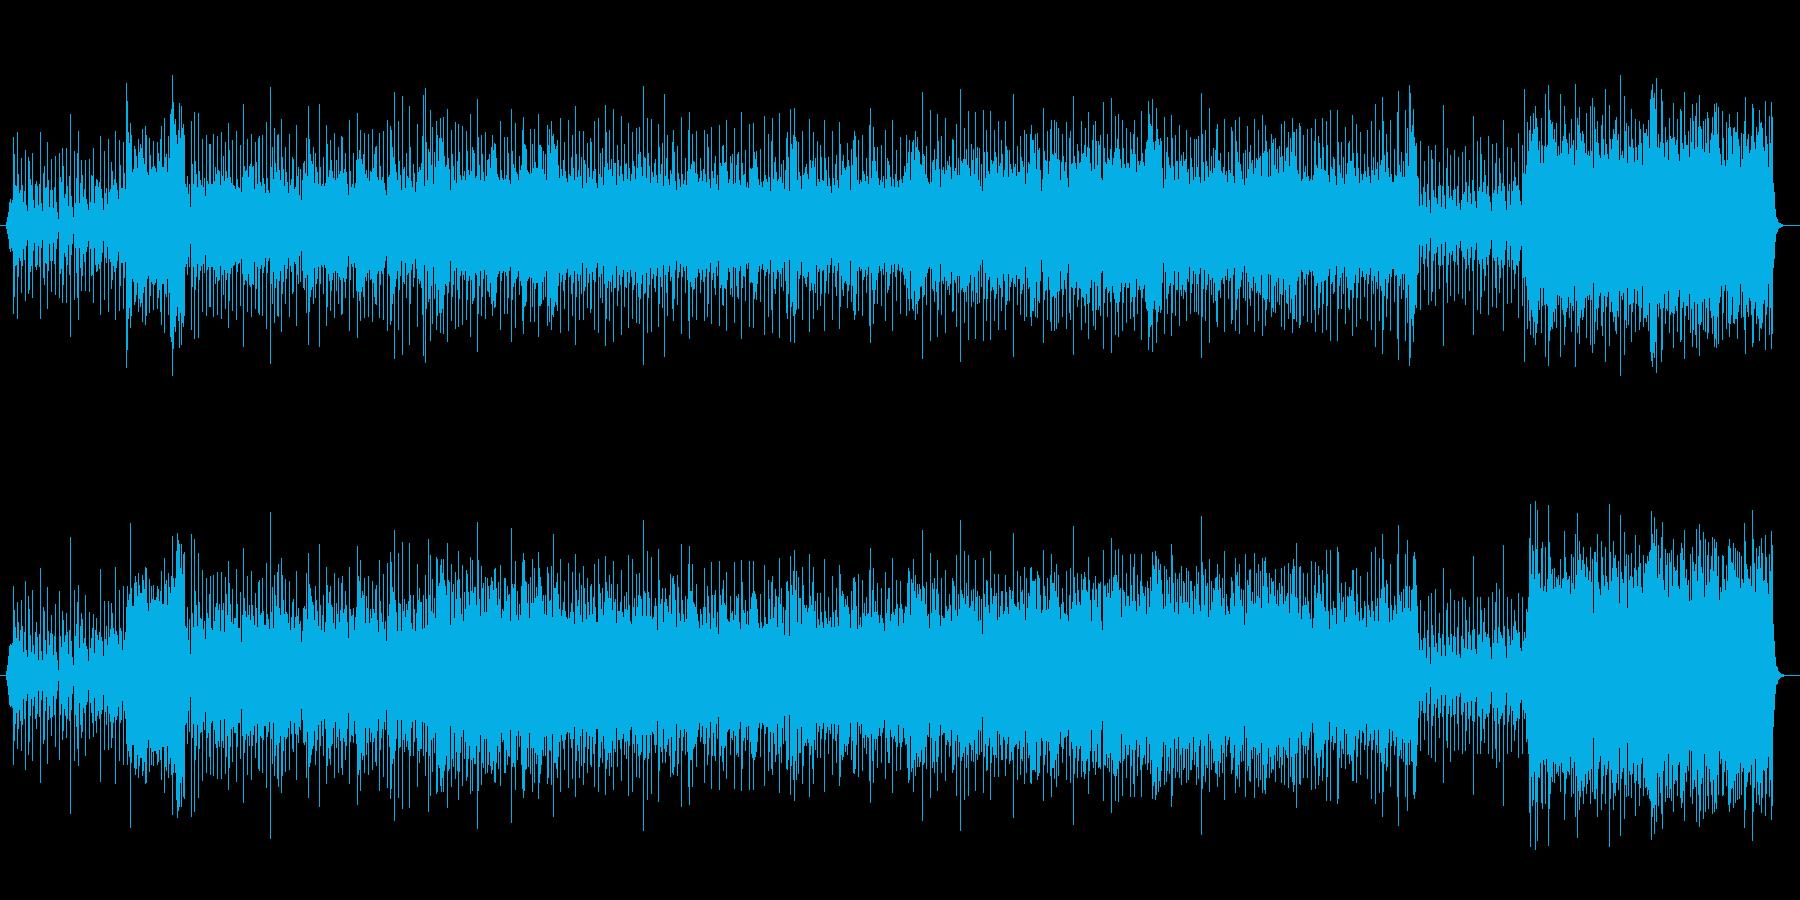 元気の出るポップス(ホーン・セクション)の再生済みの波形